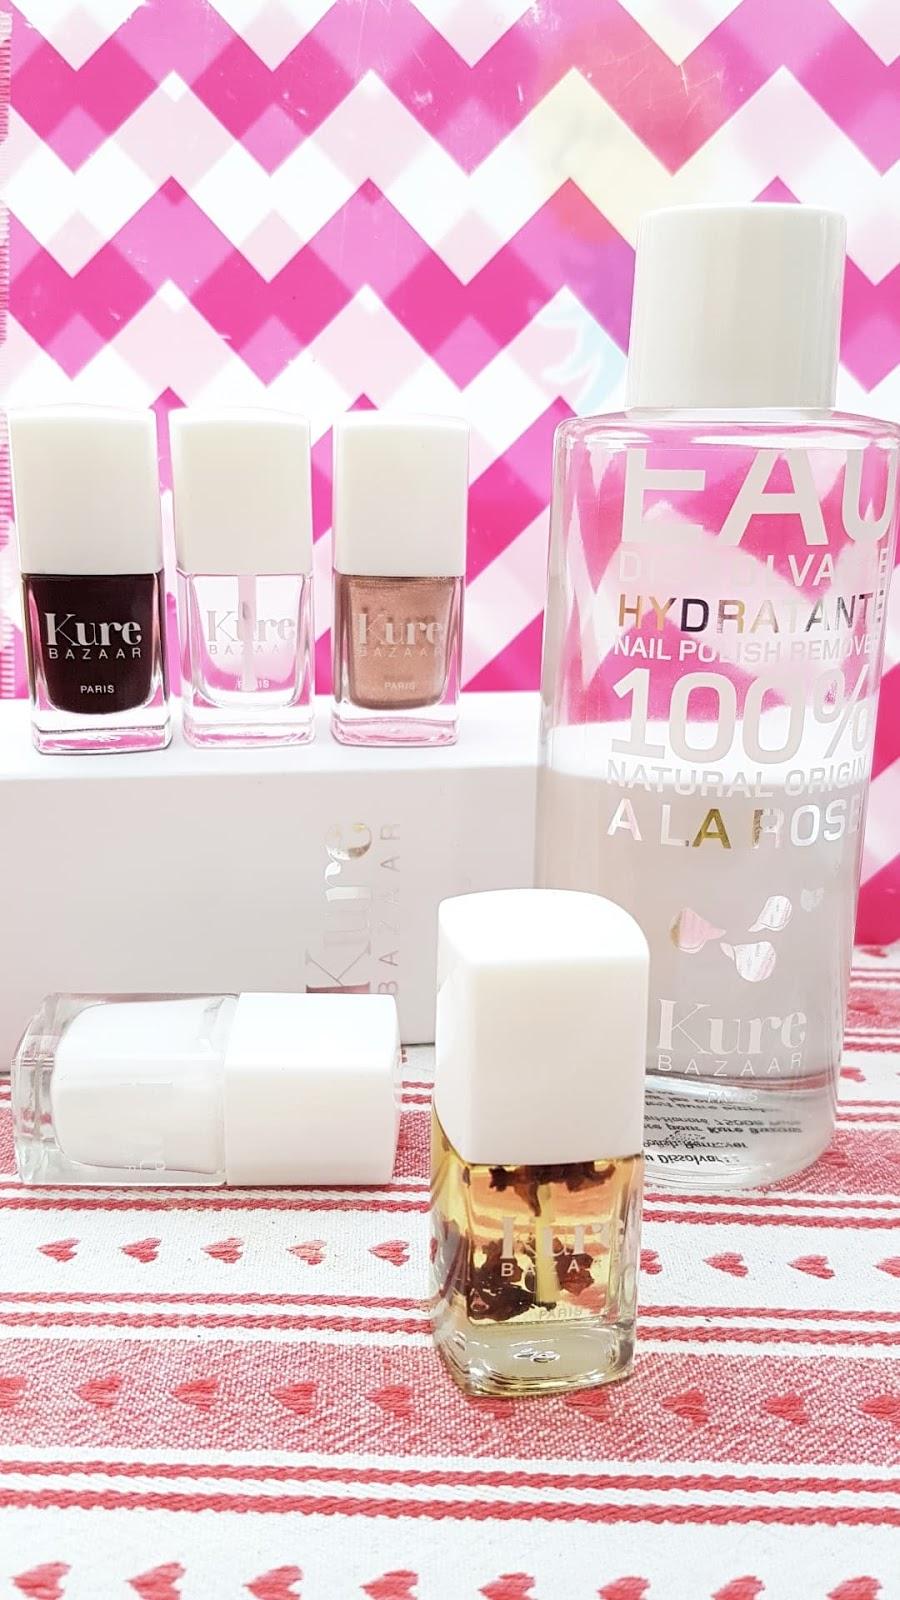 Kure Bazaar Natural Nontoxic Nail Review